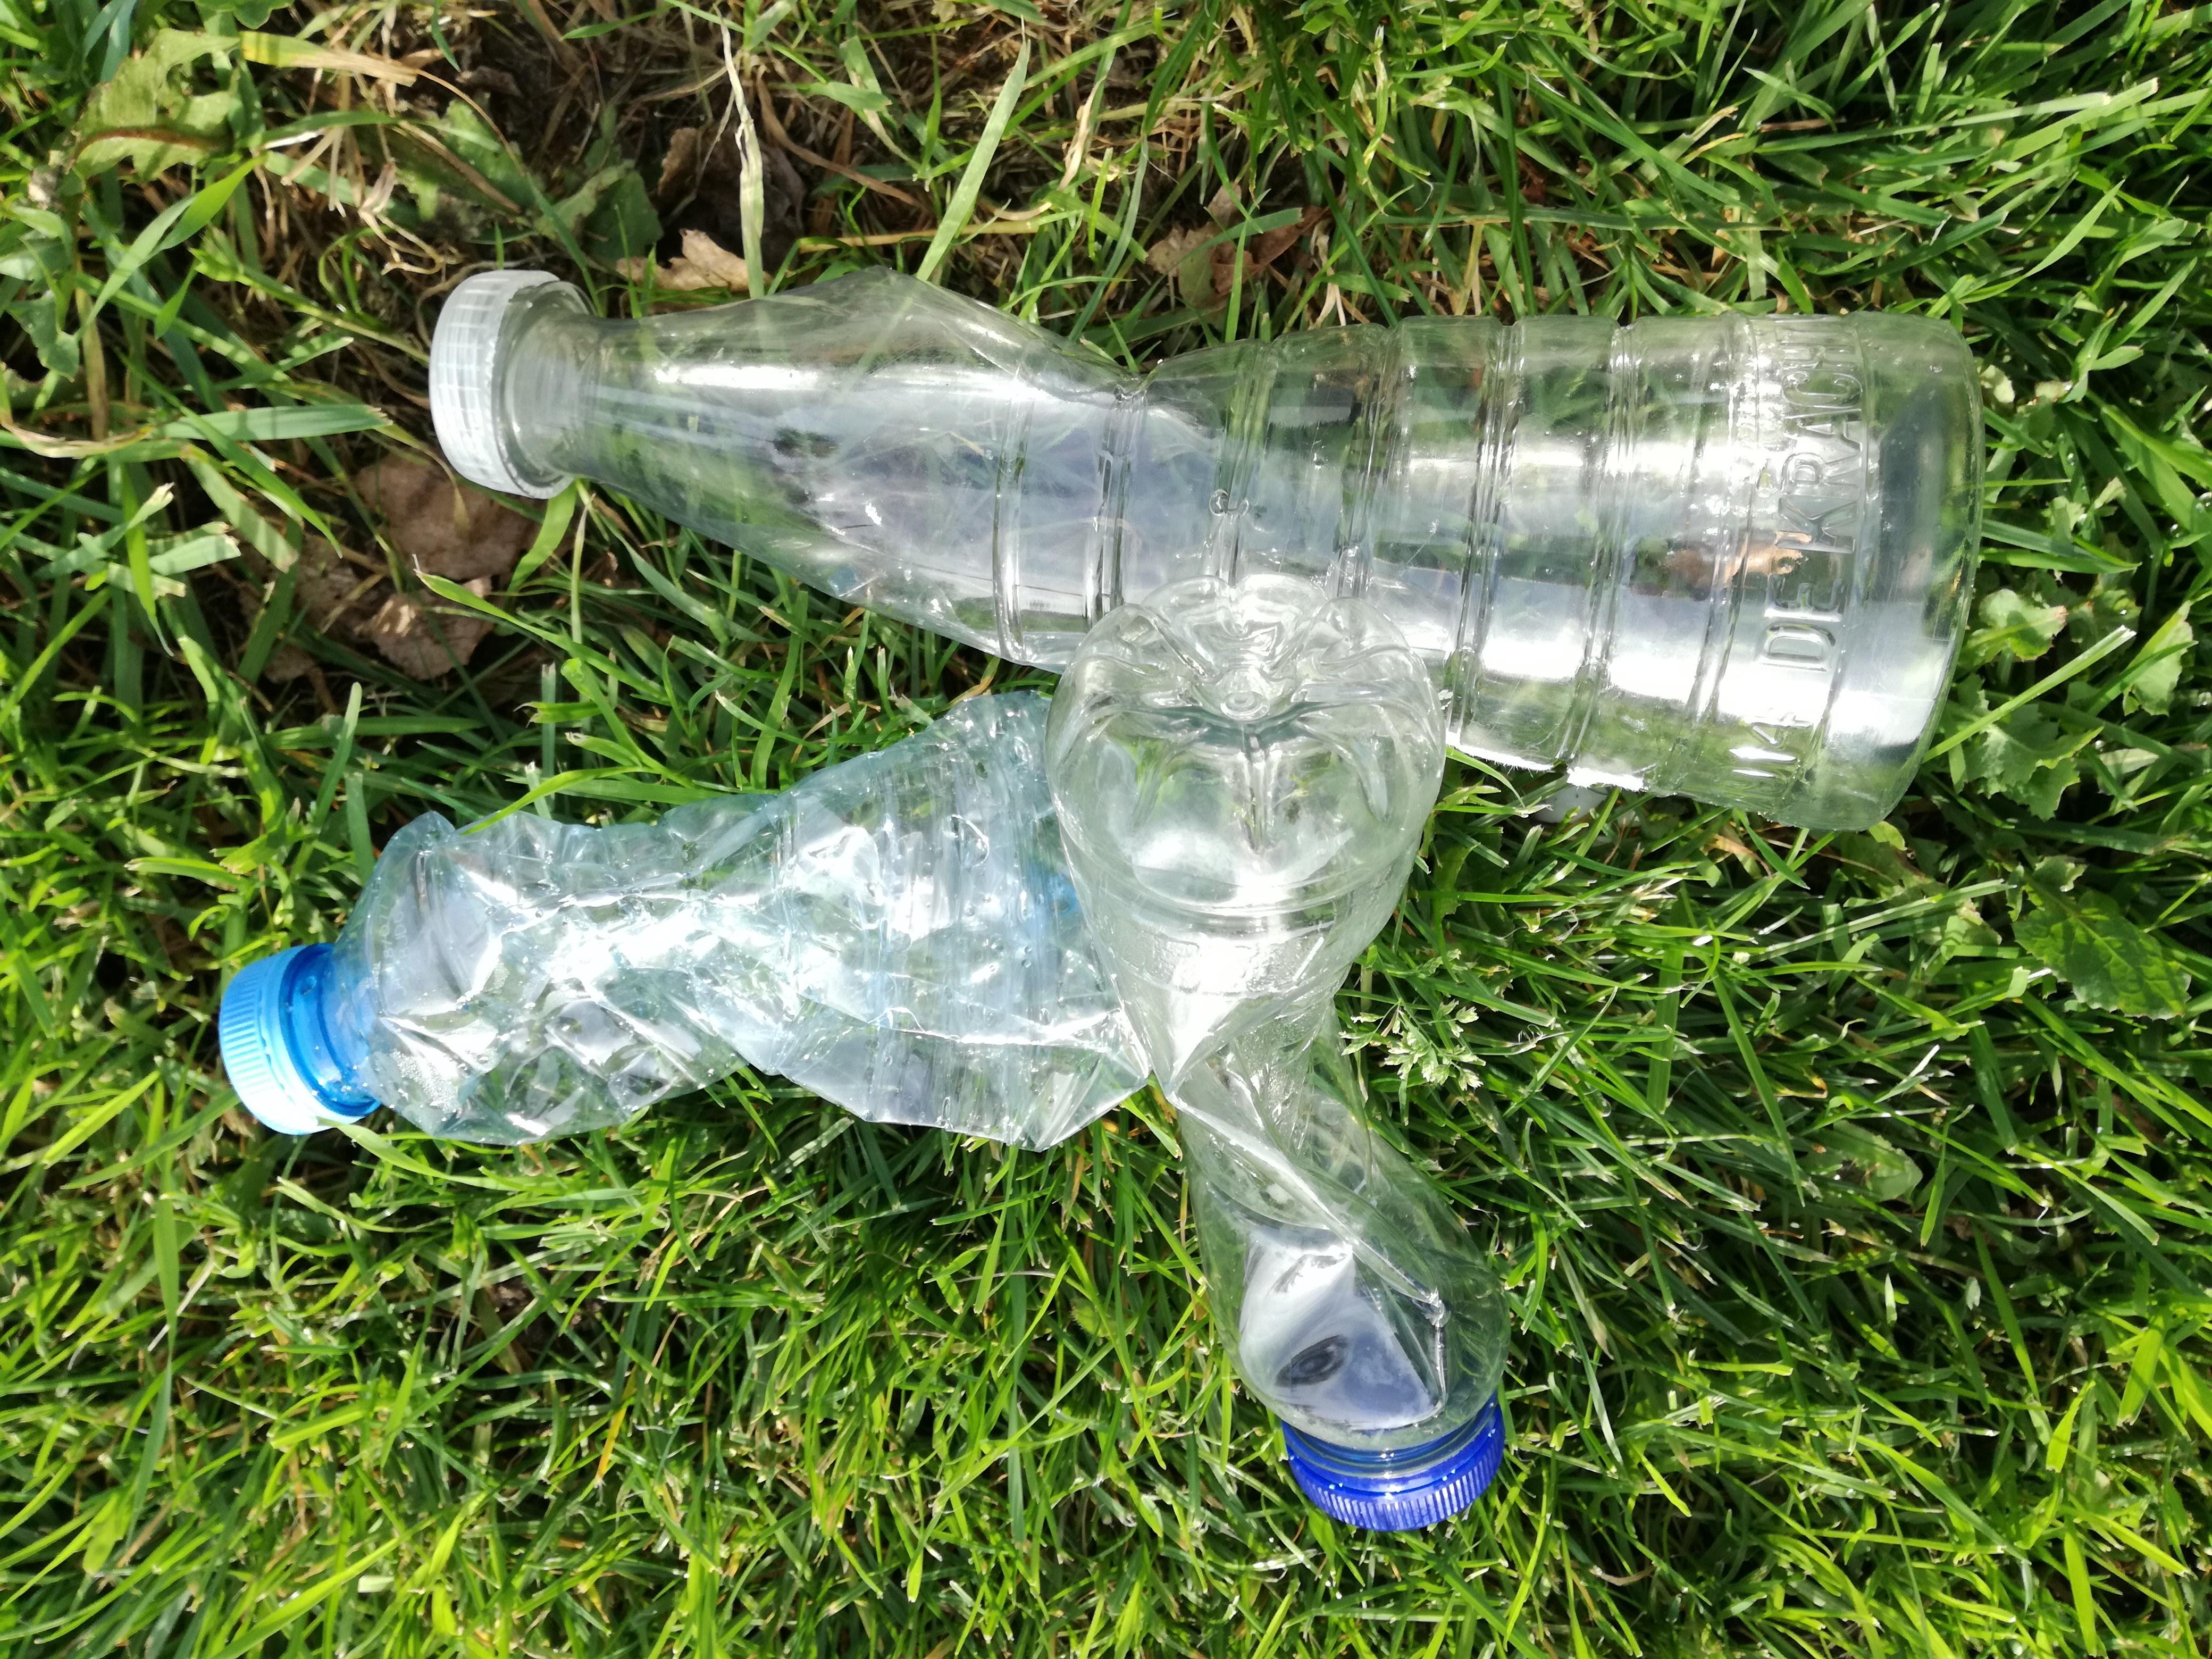 Plastic de wereld uit